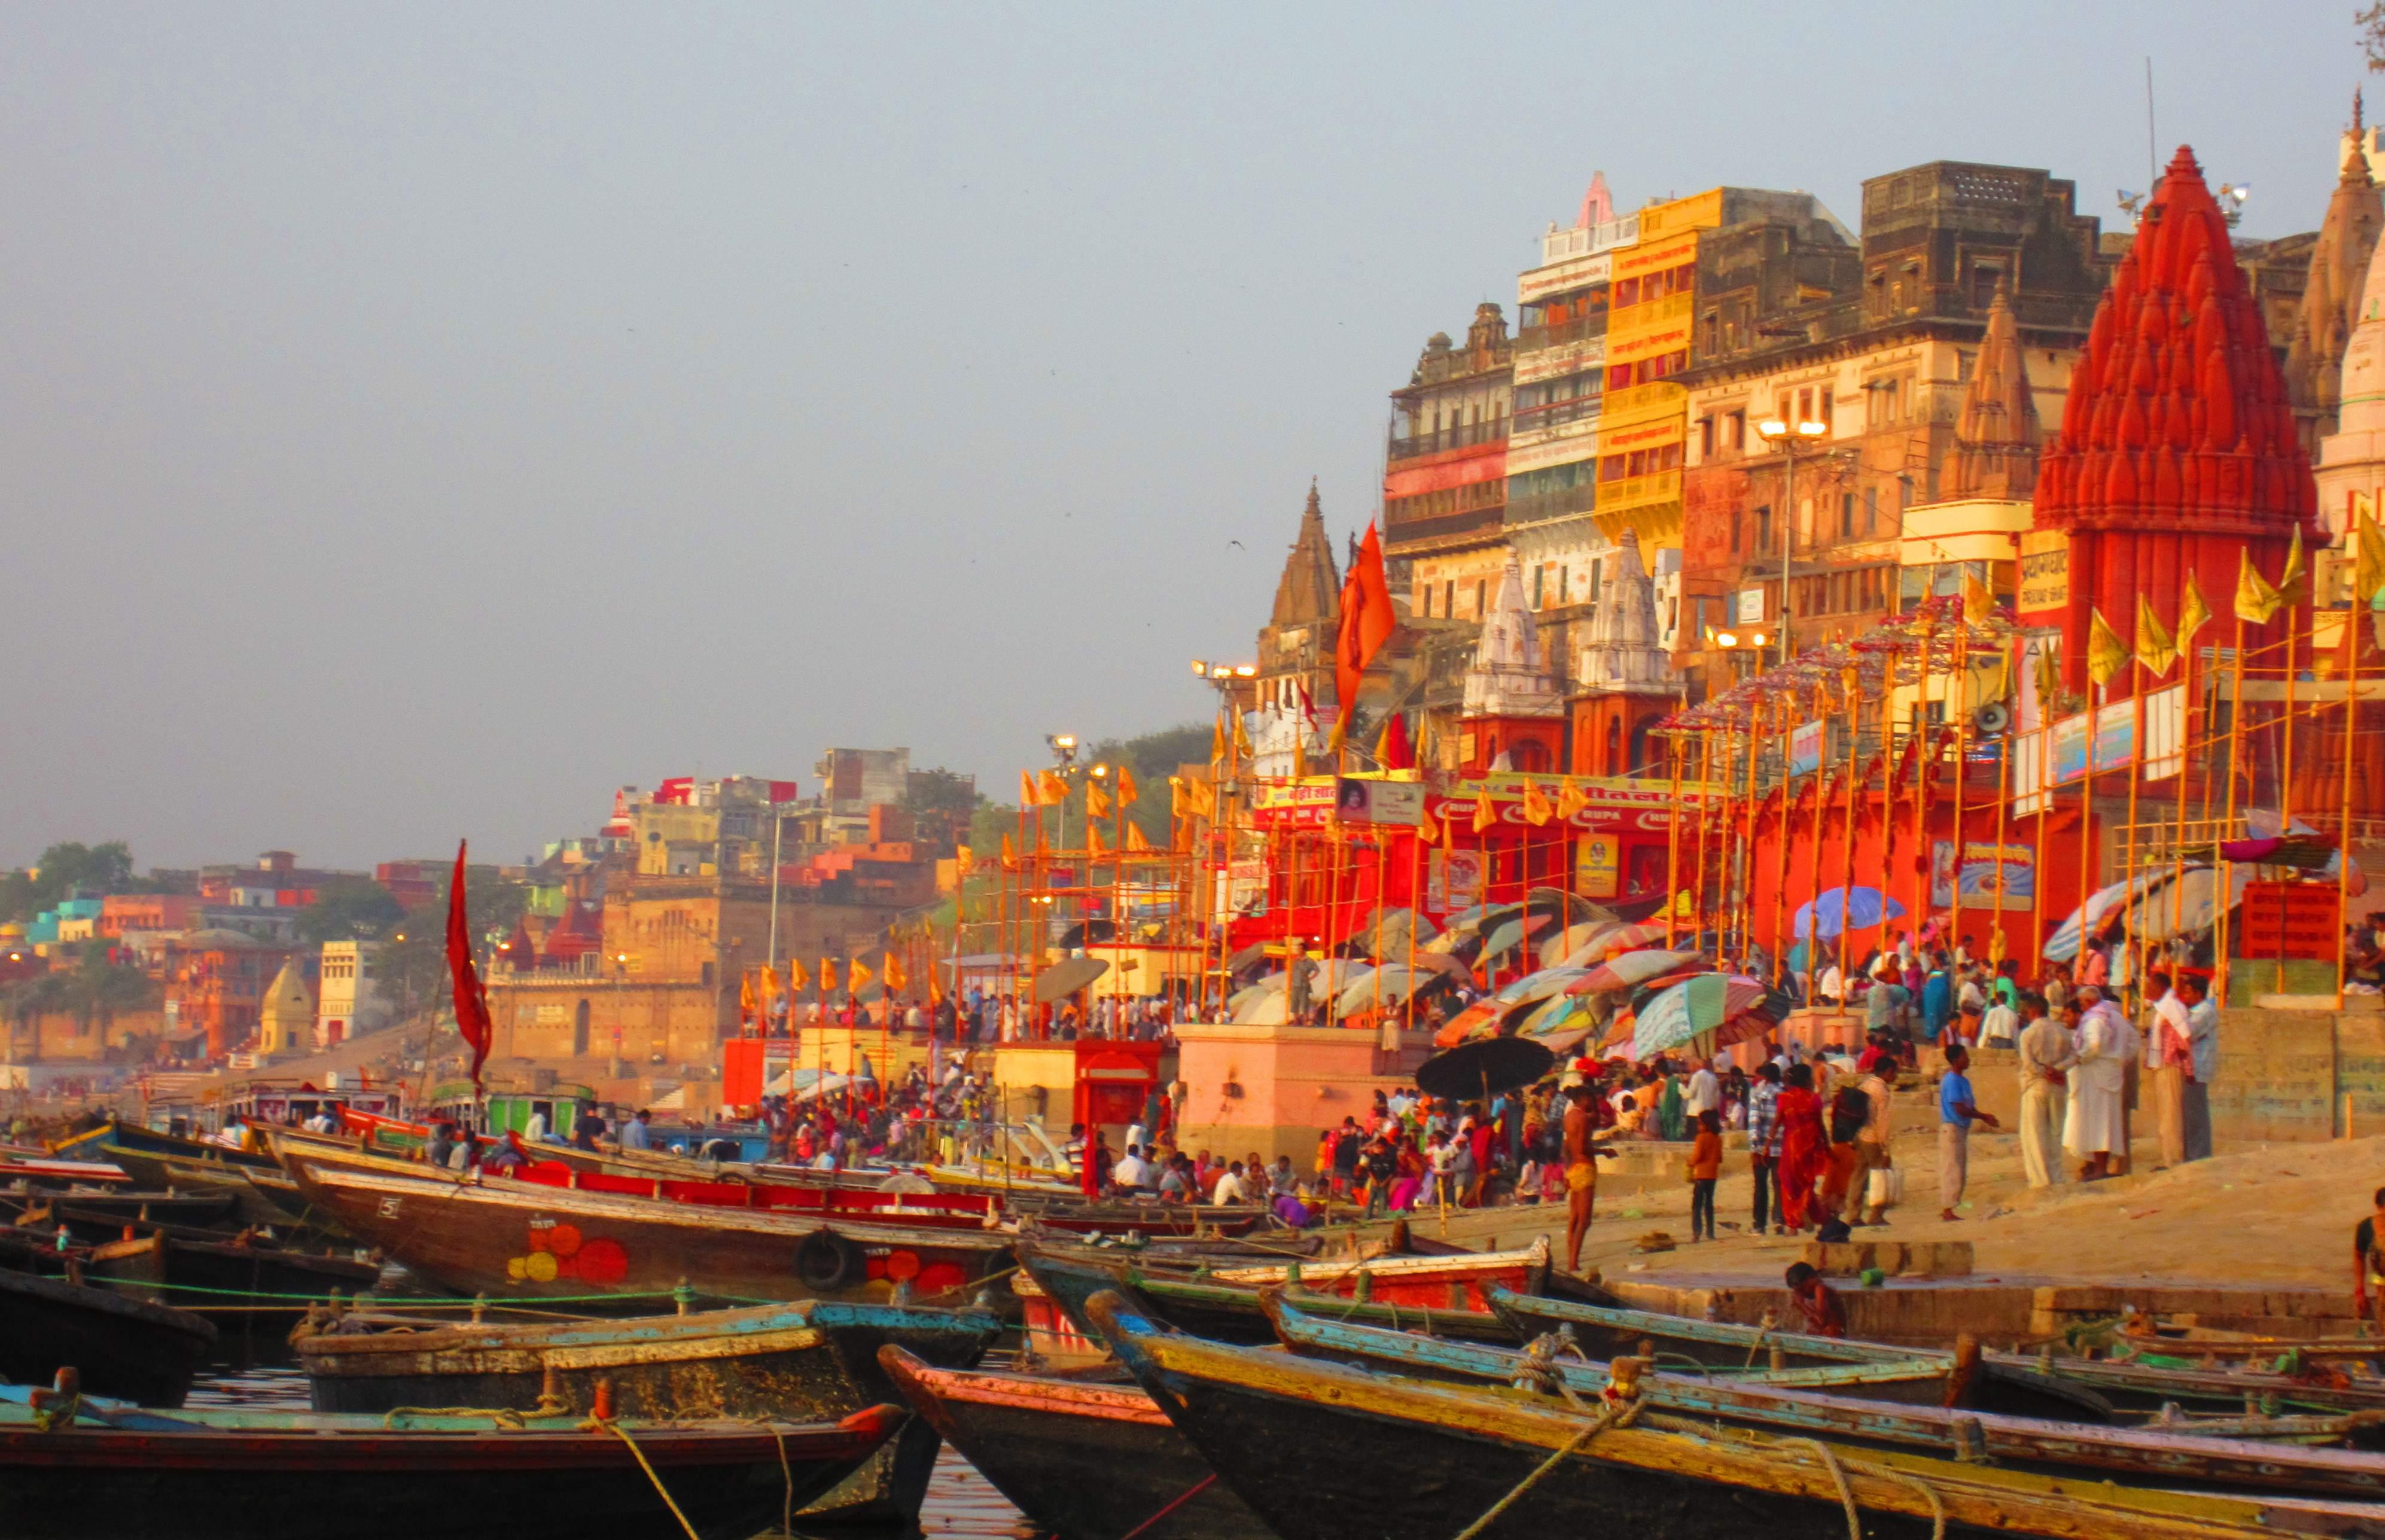 India, Varanasi, Ganga